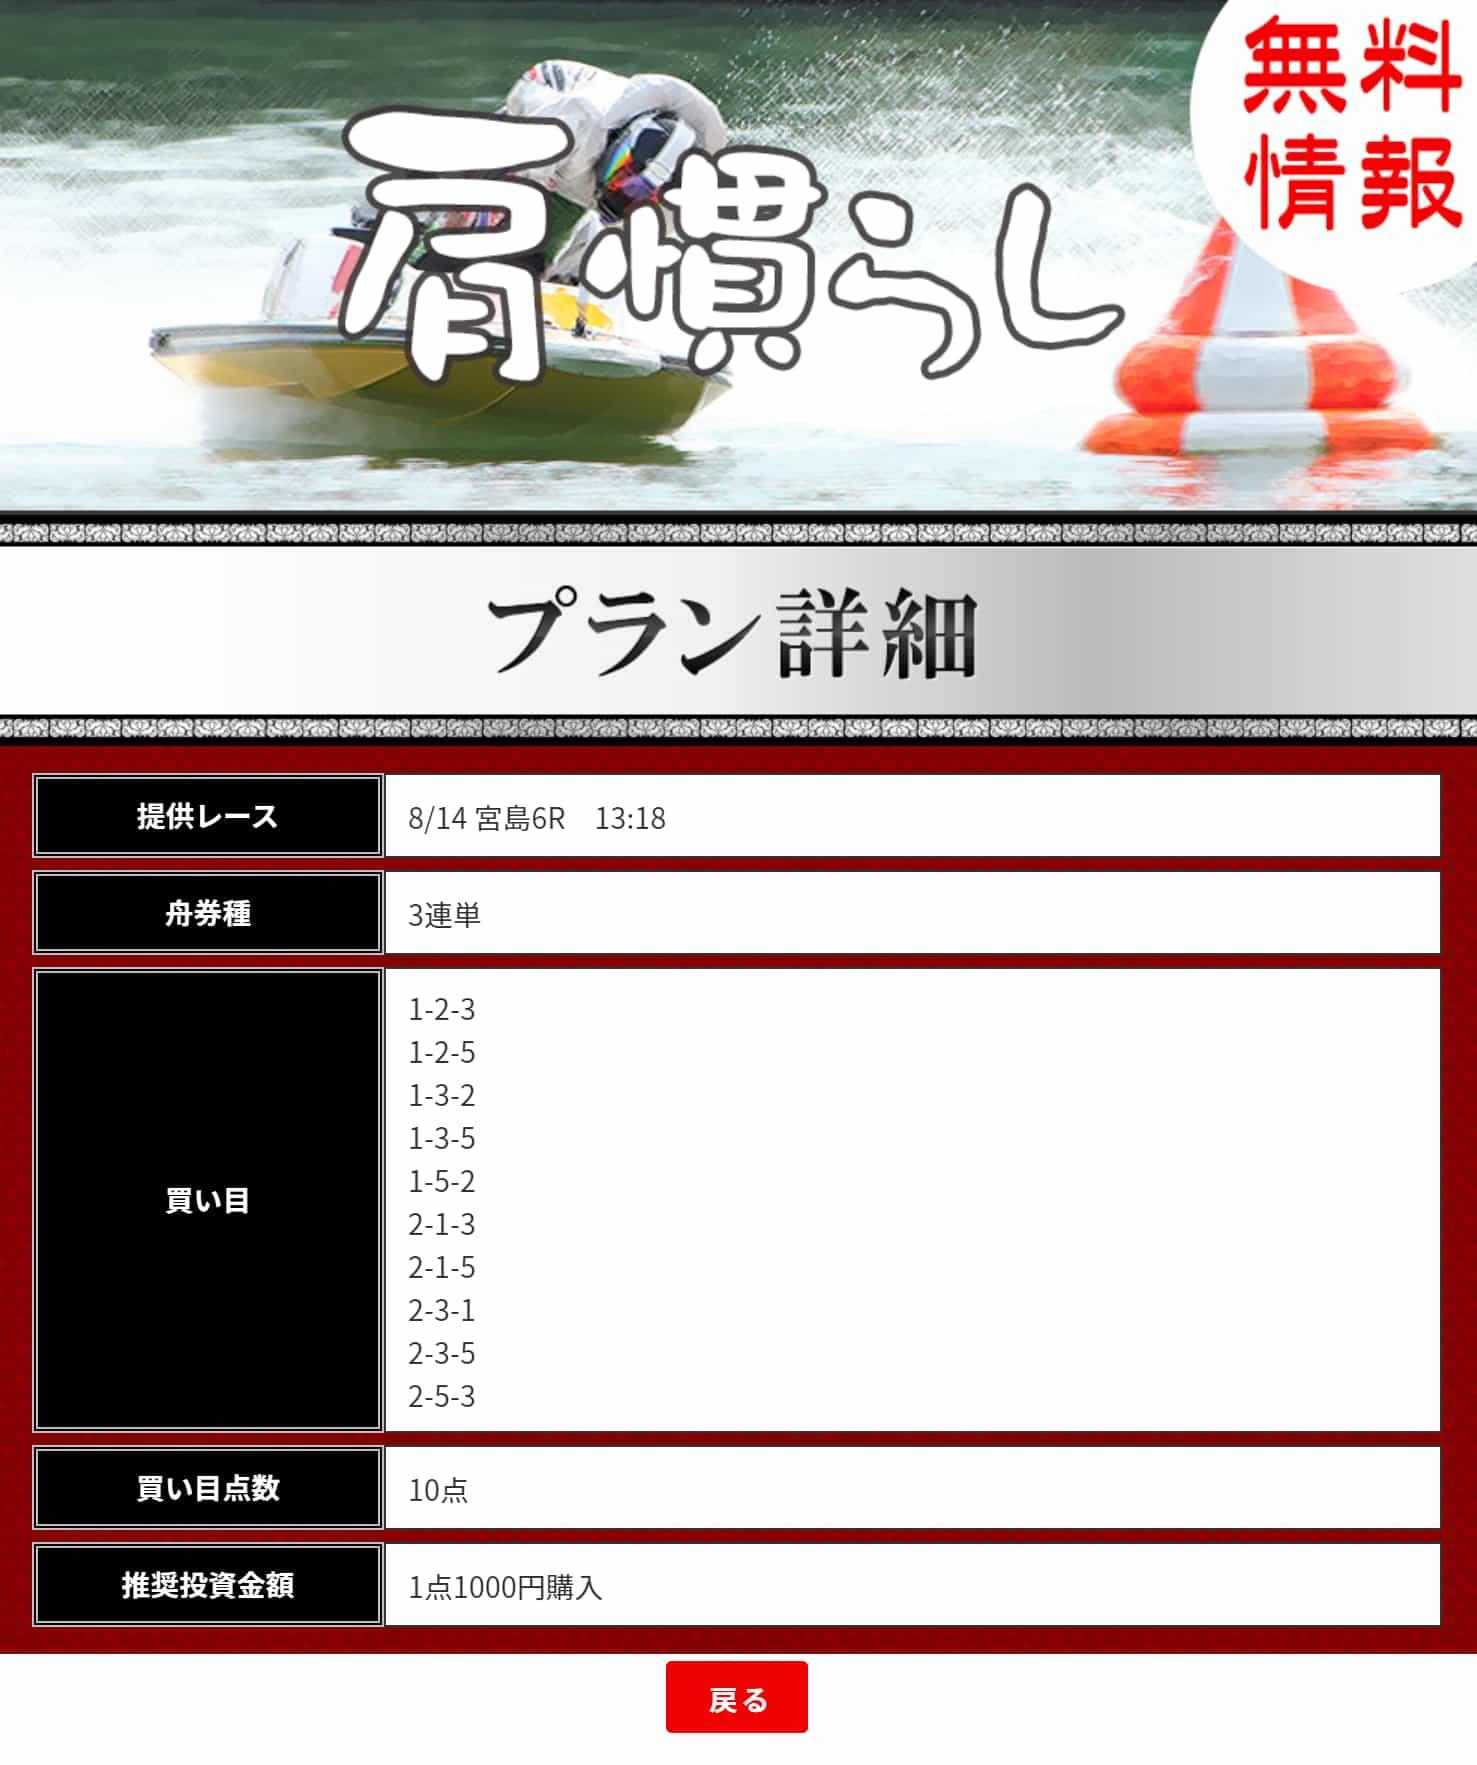 優良 船の時代 口コミ検証や無料情報の予想結果も公開中 8/14 宮島6Rの買い目